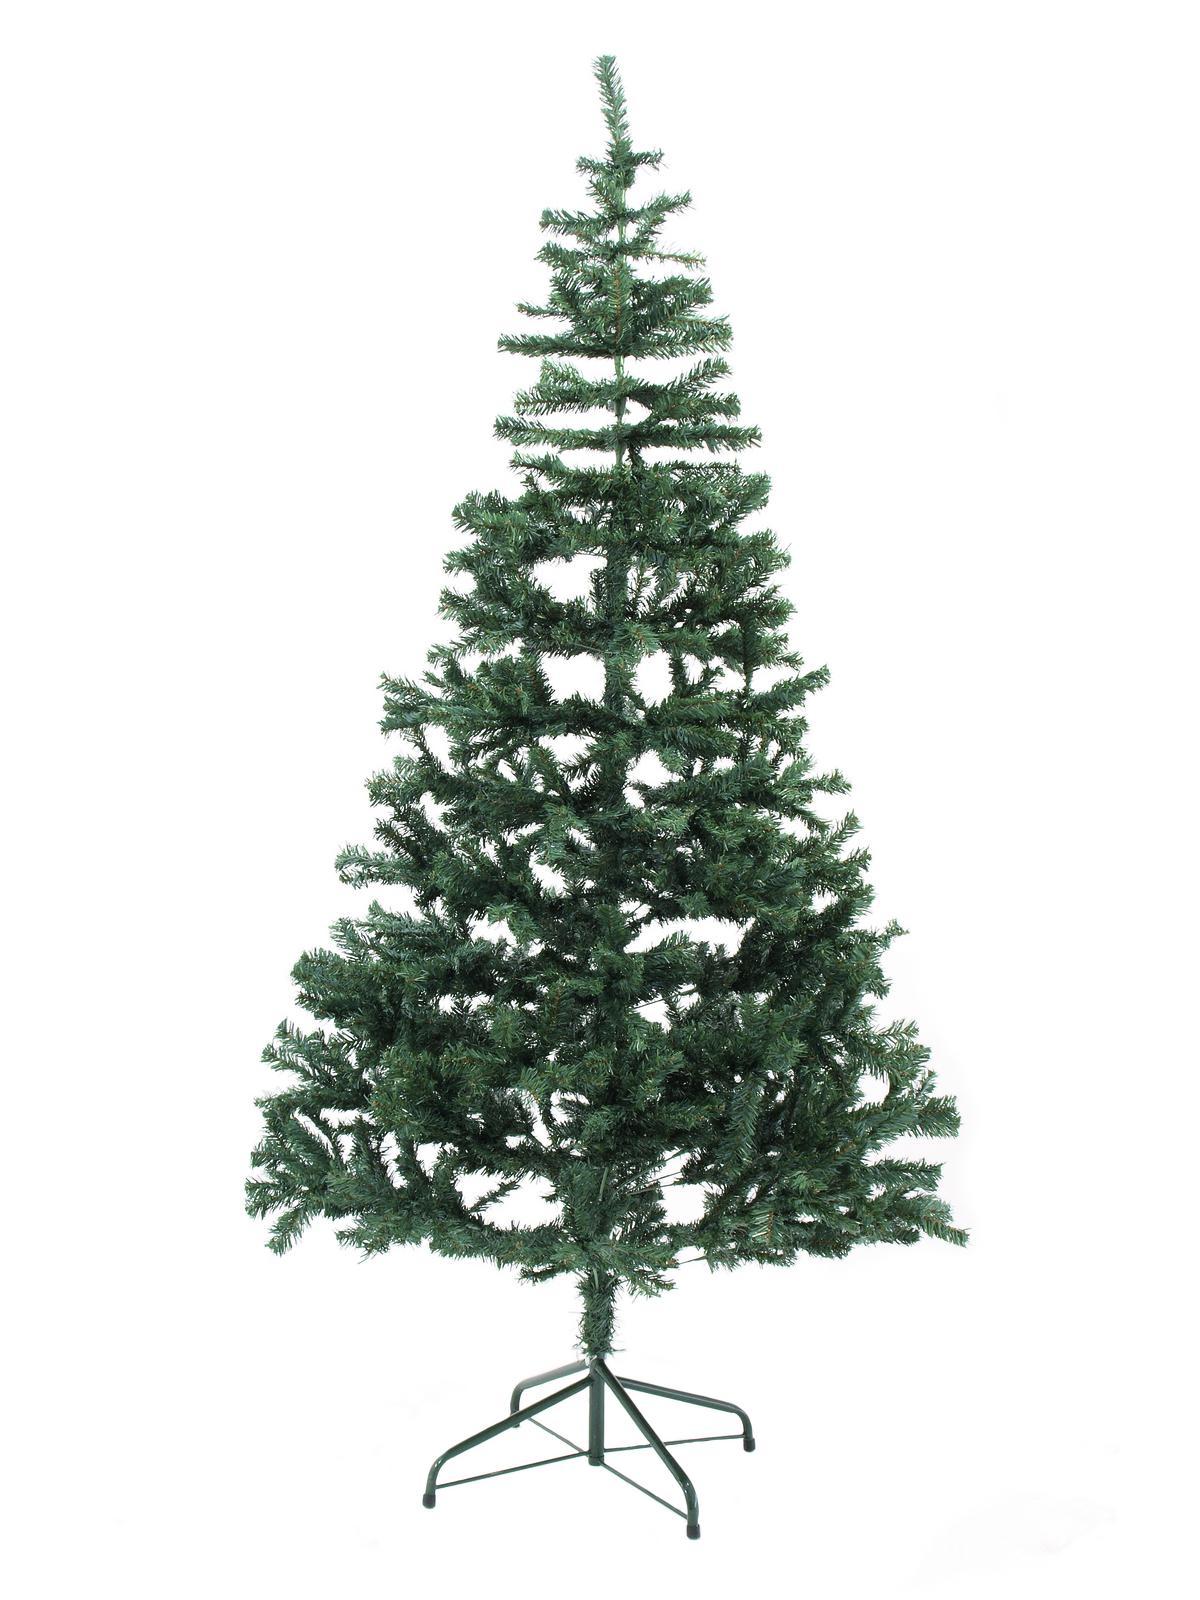 Alberi Di Natale Finti.Albero Di Natale Finto Artificiale 240cm Con Base